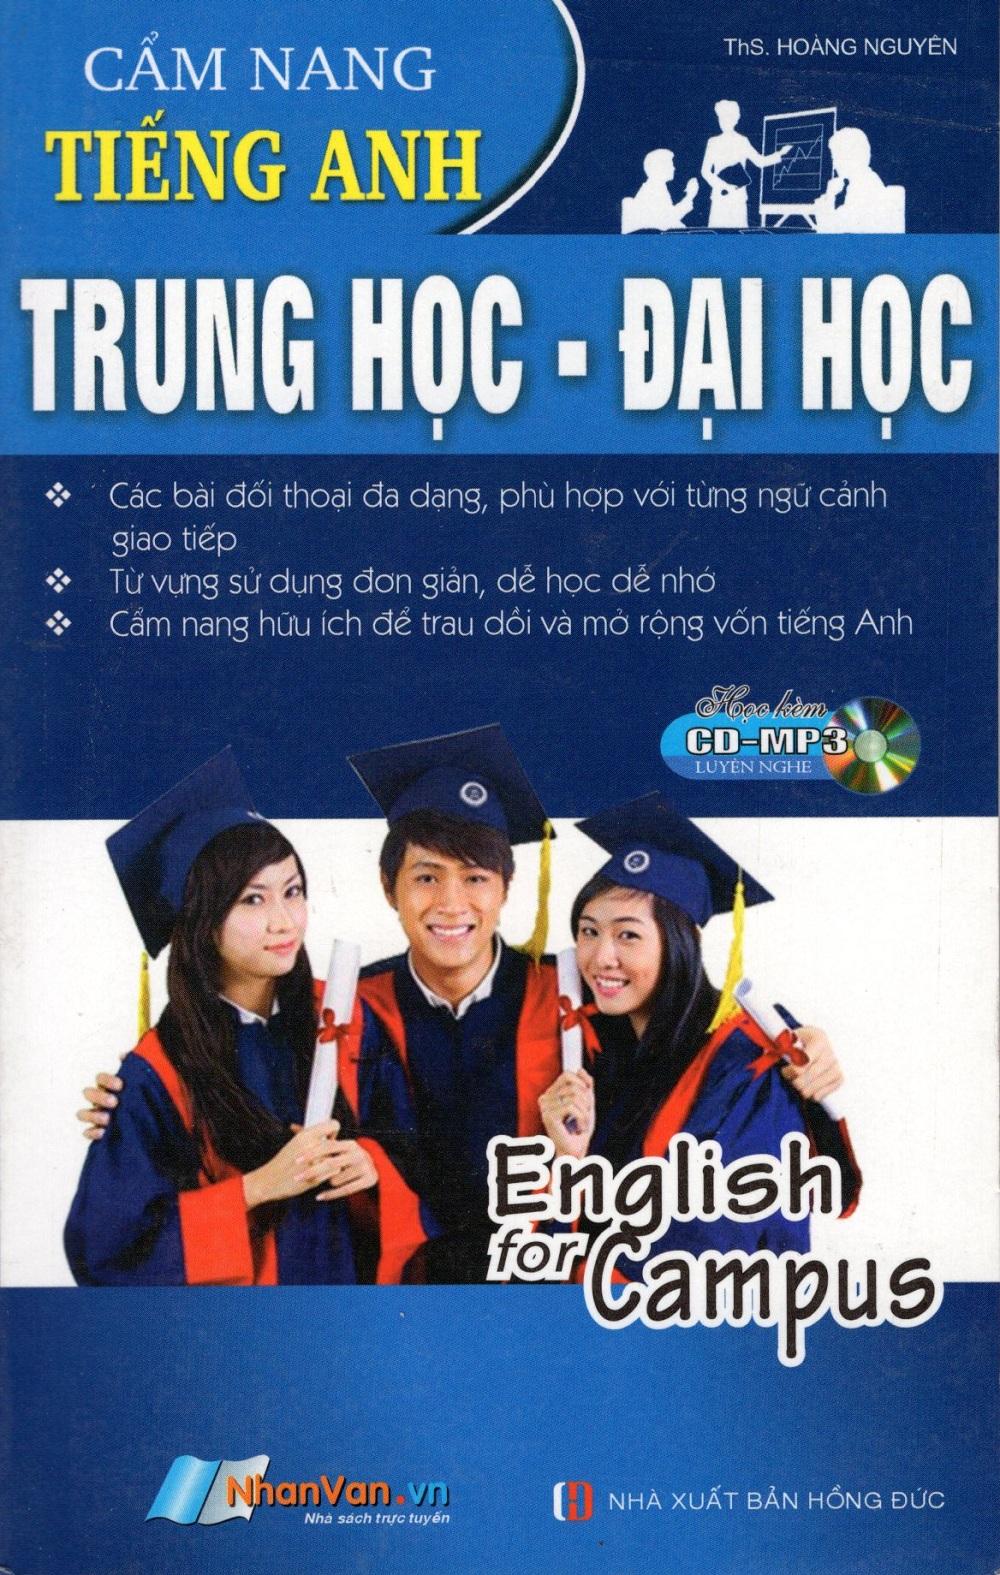 Cẩm Nang Tiếng Anh Trung Học - Đại Học (Sách Bỏ Túi) - Kèm CD - 2369504742211,62_12725975,39000,tiki.vn,Cam-Nang-Tieng-Anh-Trung-Hoc-Dai-Hoc-Sach-Bo-Tui-Kem-CD-62_12725975,Cẩm Nang Tiếng Anh Trung Học - Đại Học (Sách Bỏ Túi) - Kèm CD